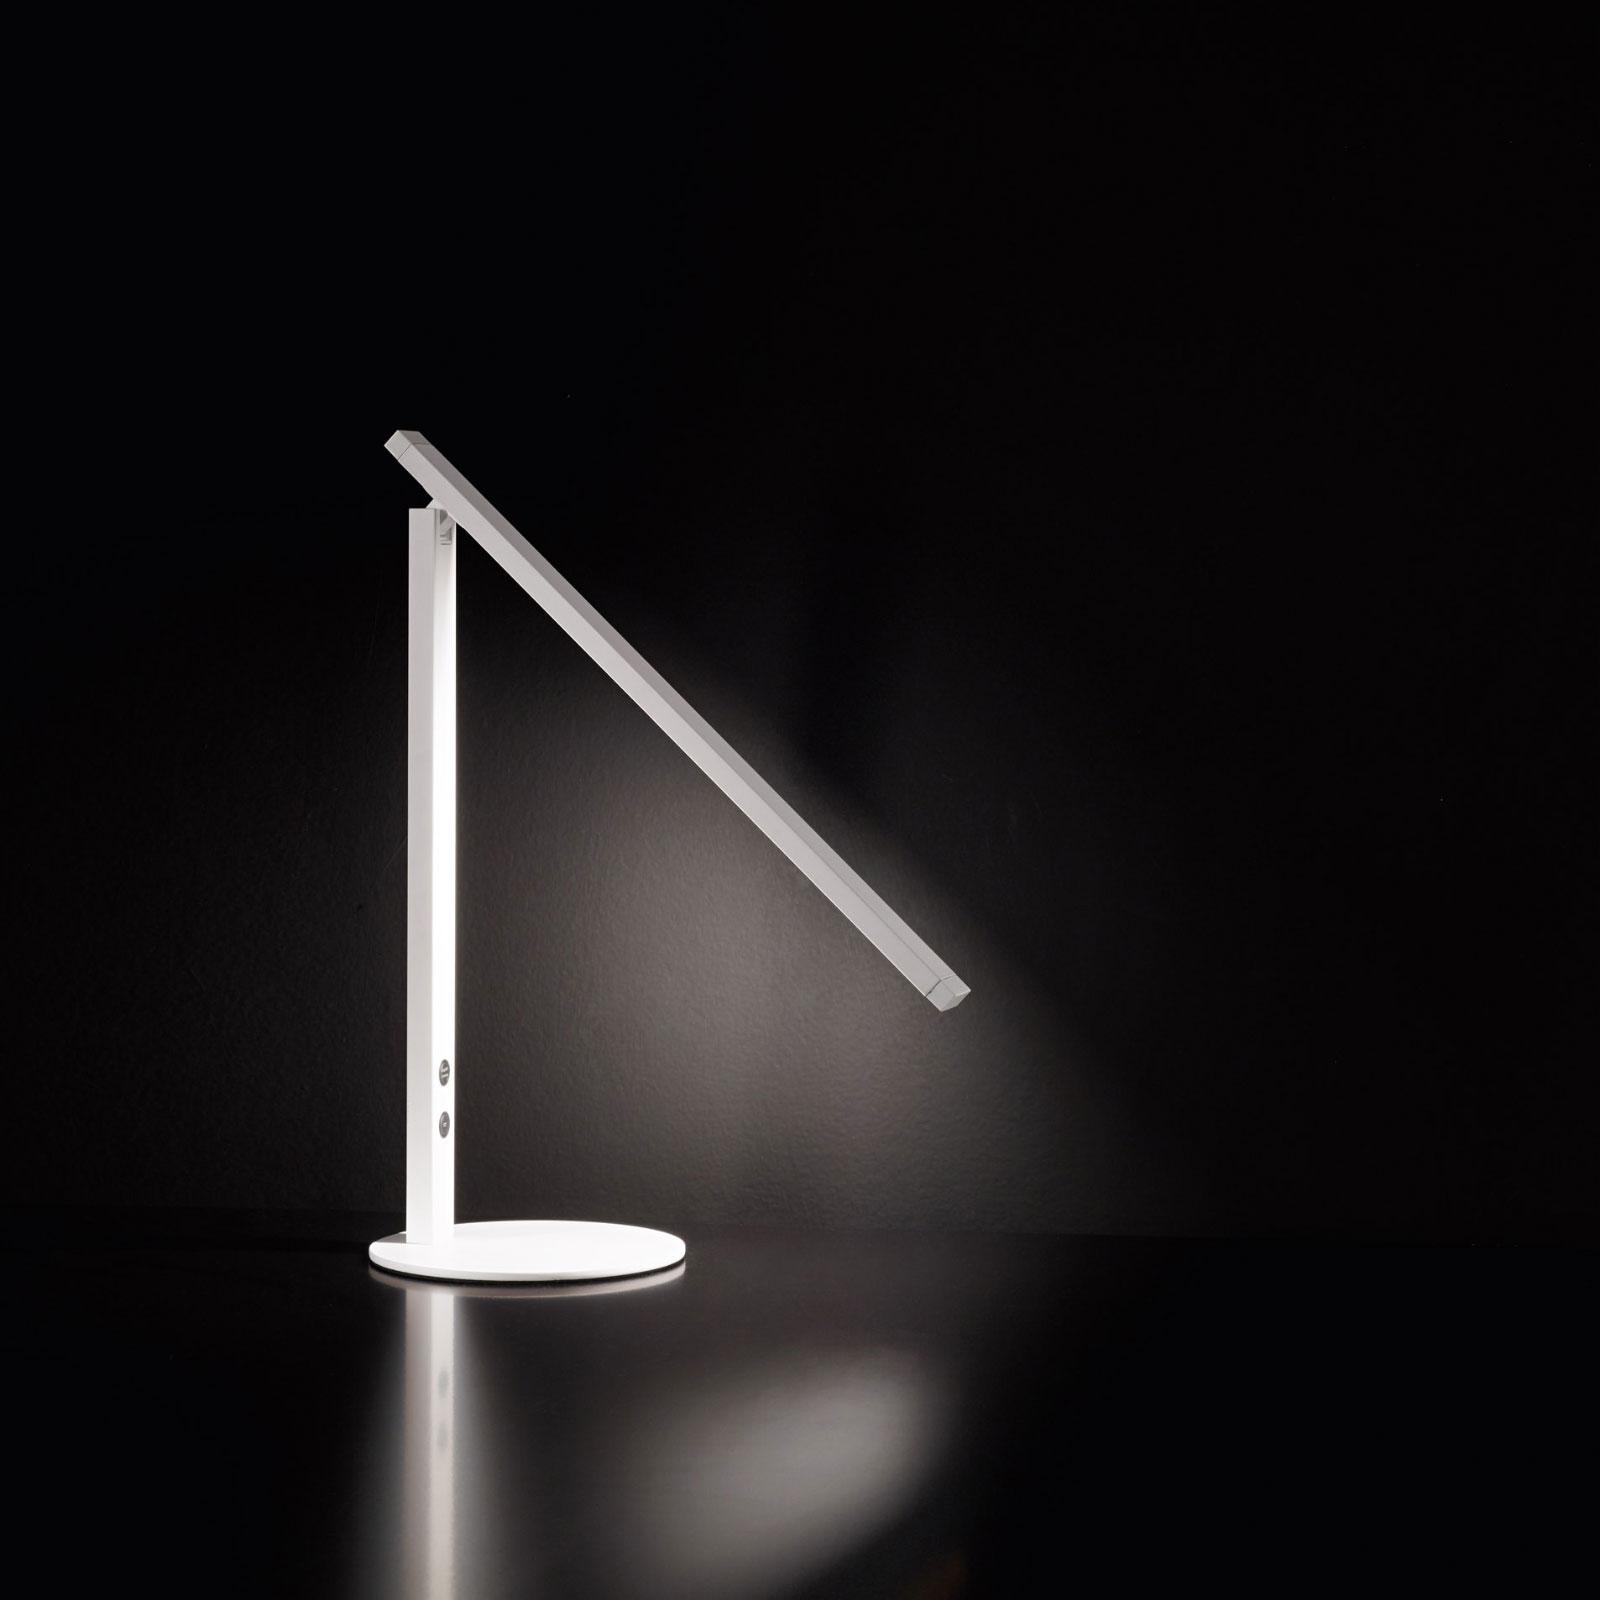 LED-Schreibtischleuchte Ideal mit Dimmer, weiß